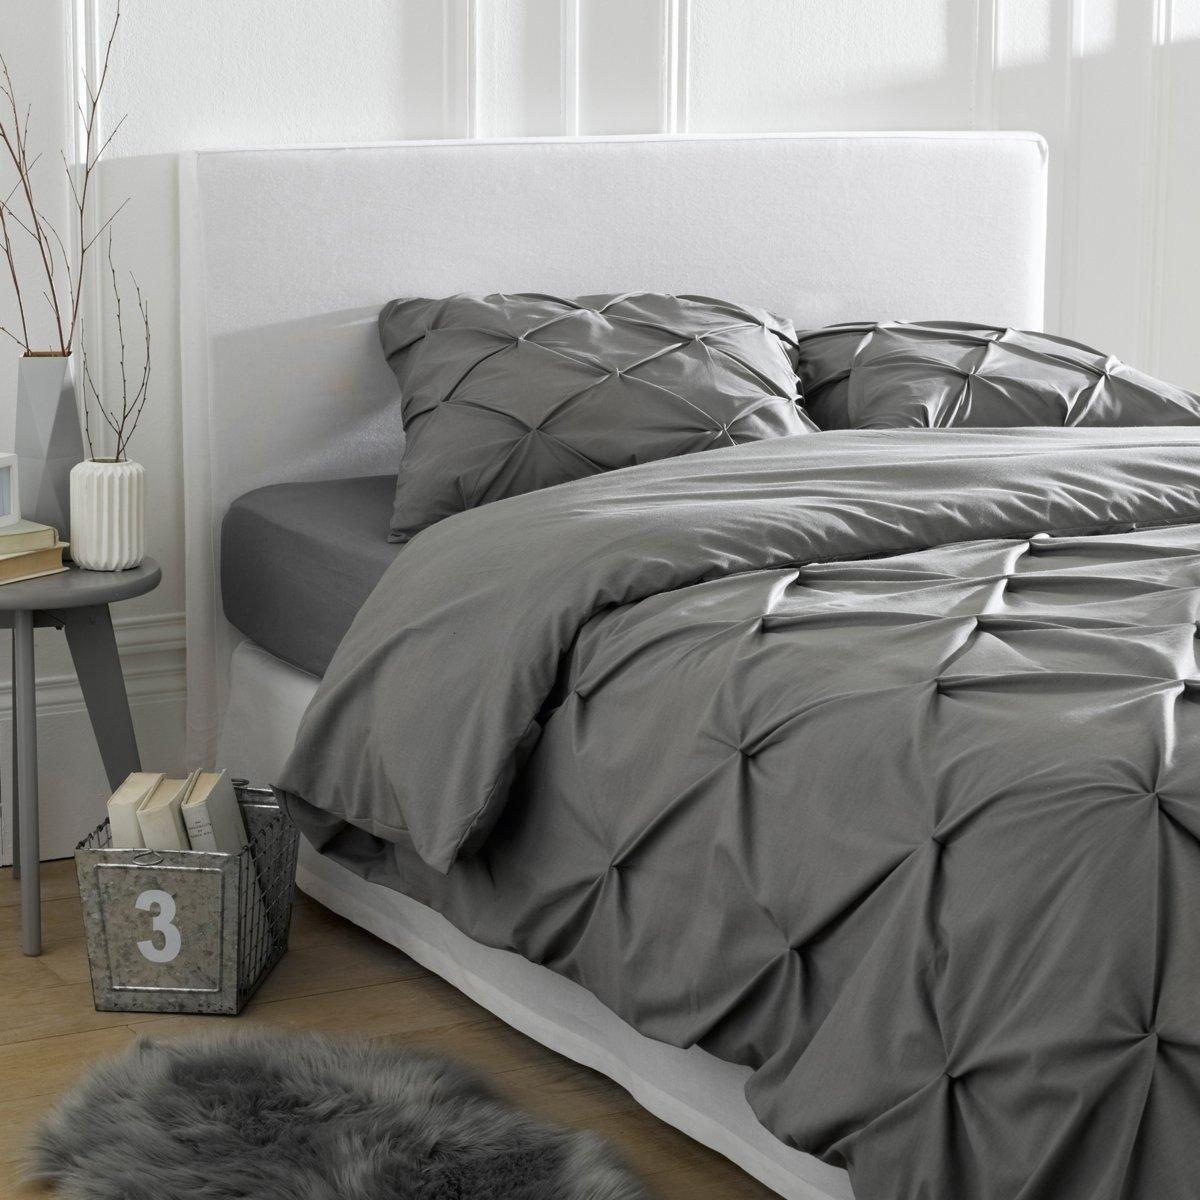 La Redoute Gatine Pure Cotton Straight Headboard Cover White Size 160 X 85 cm